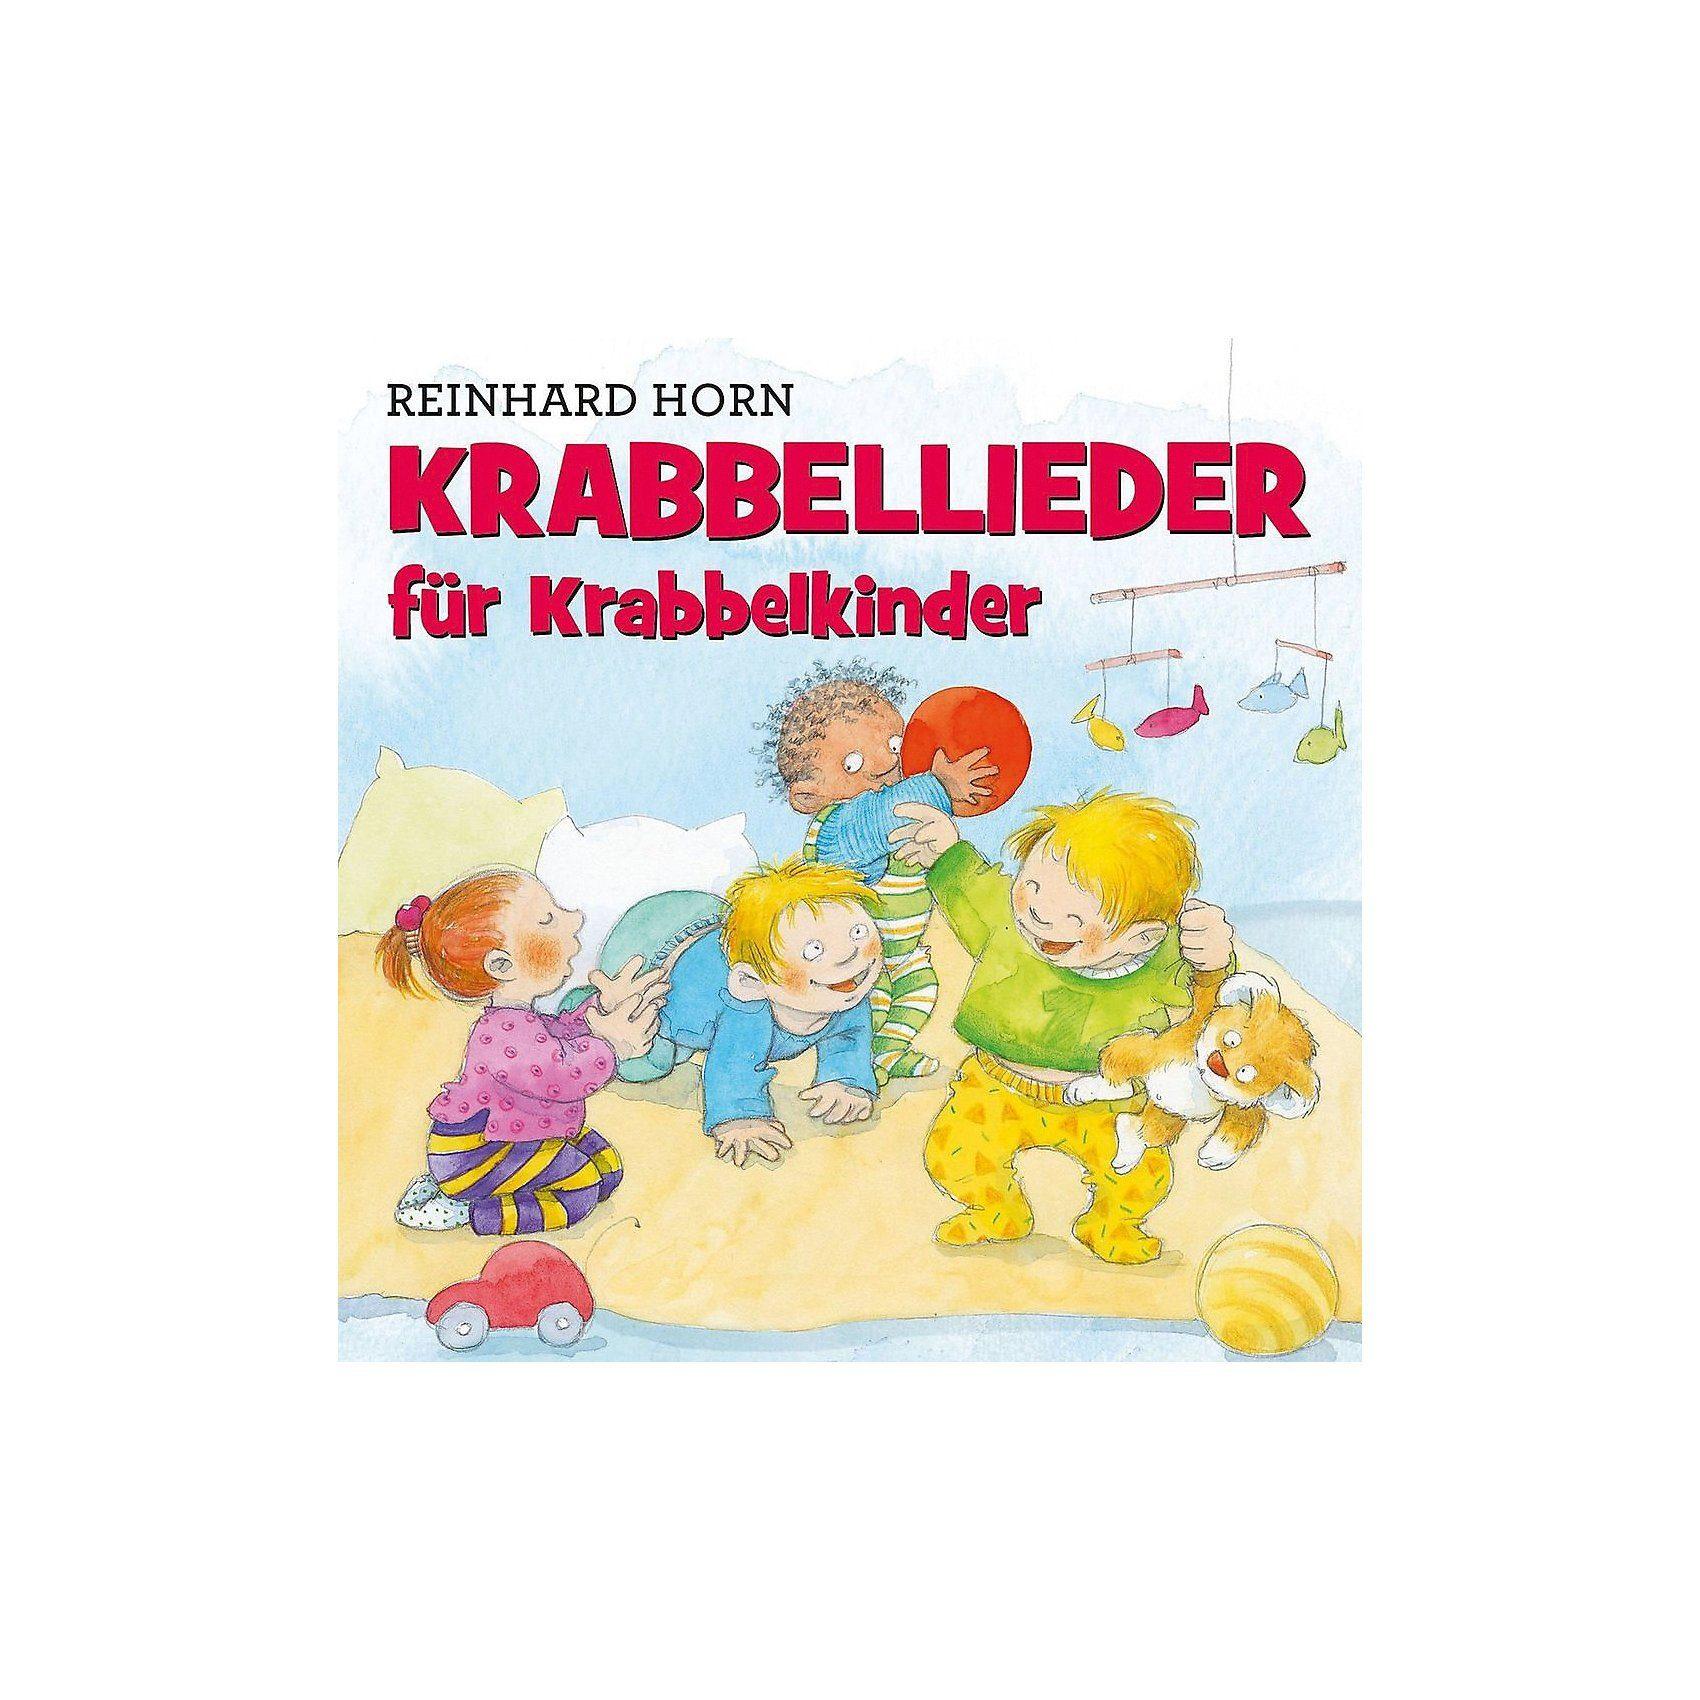 Universal CD Reinhard Horn - Krabbellieder für Krabbelkinder